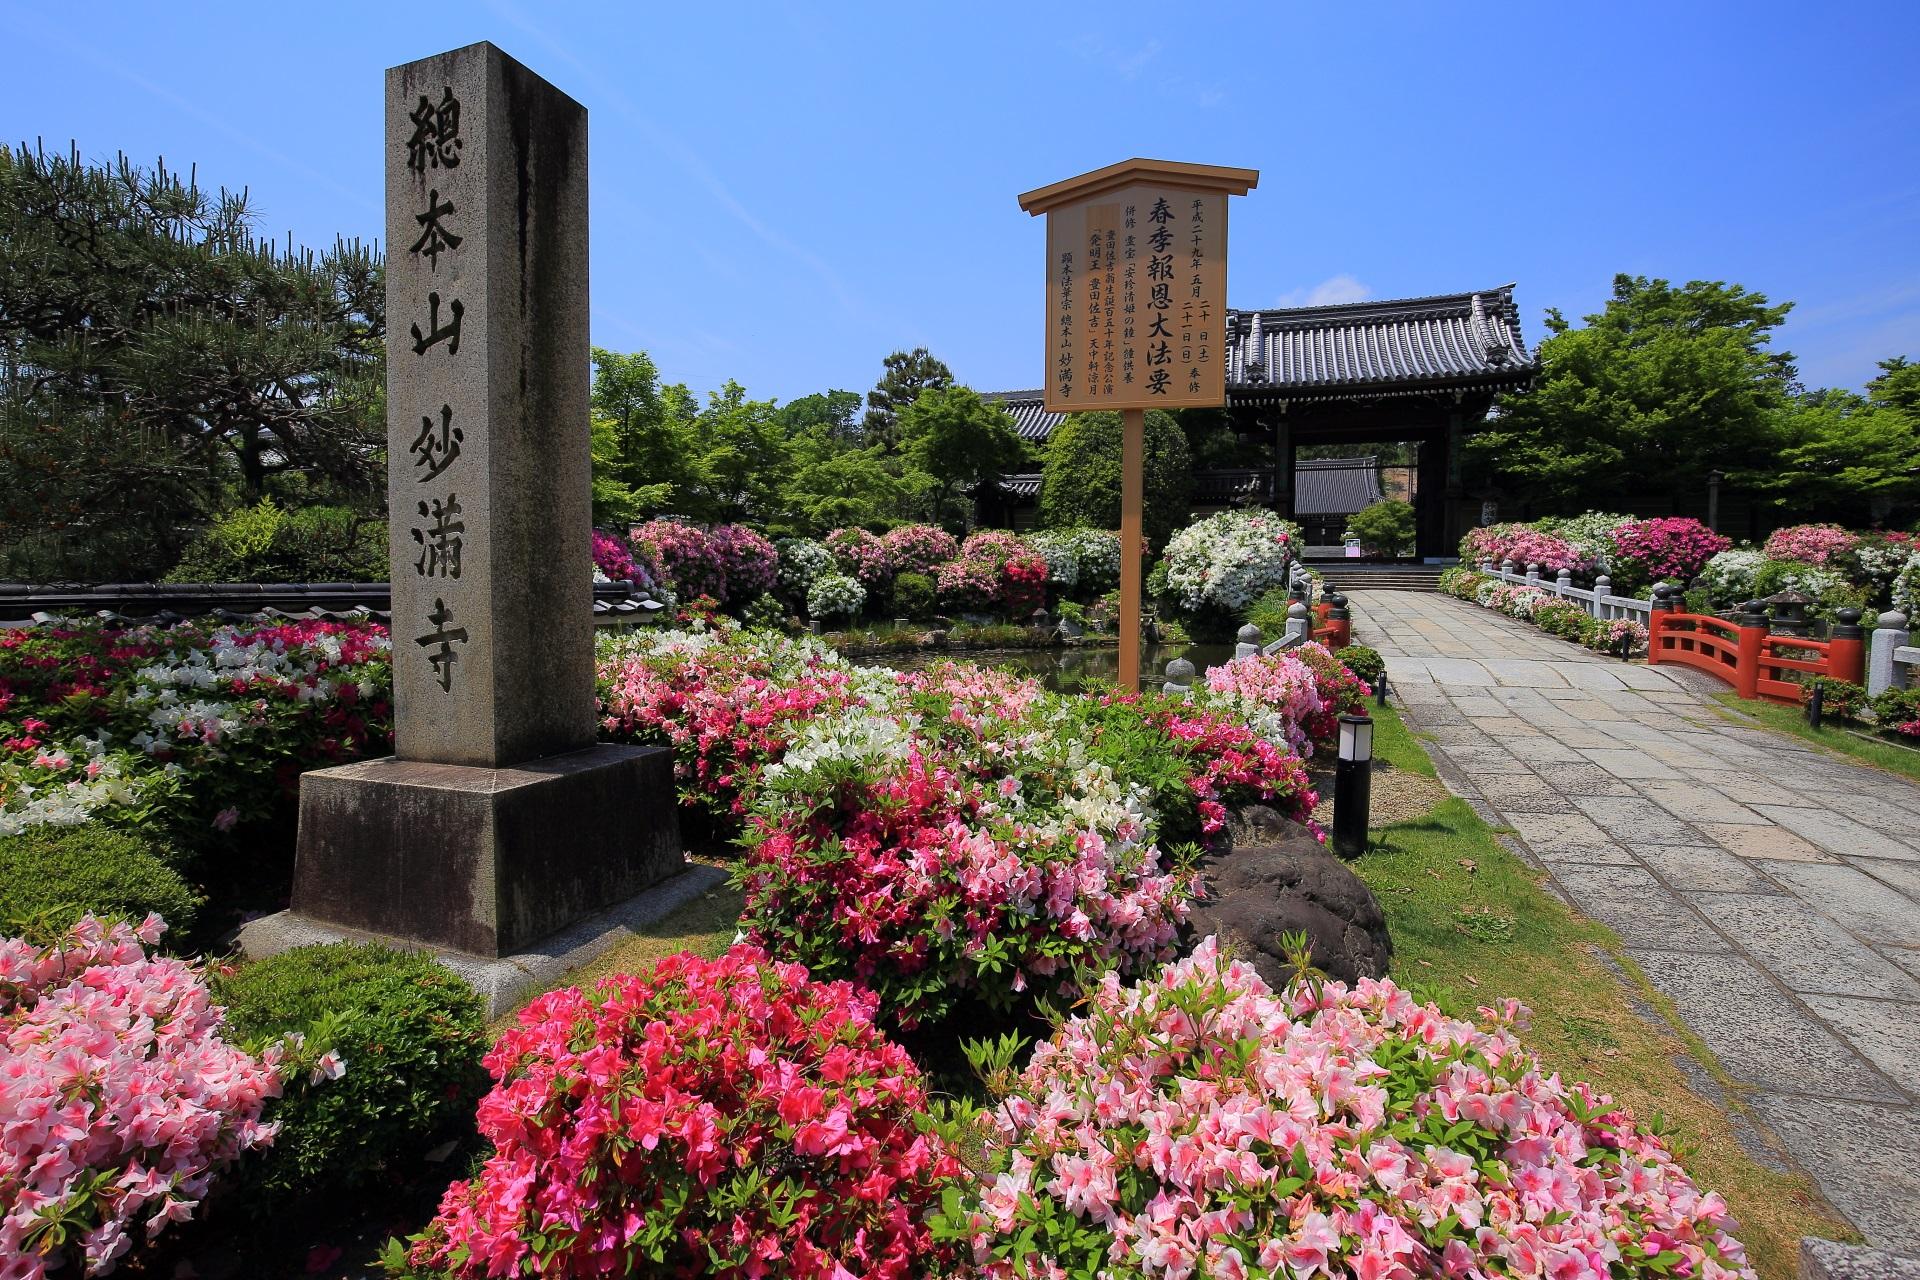 妙満寺の山門前の華やぐツツジ